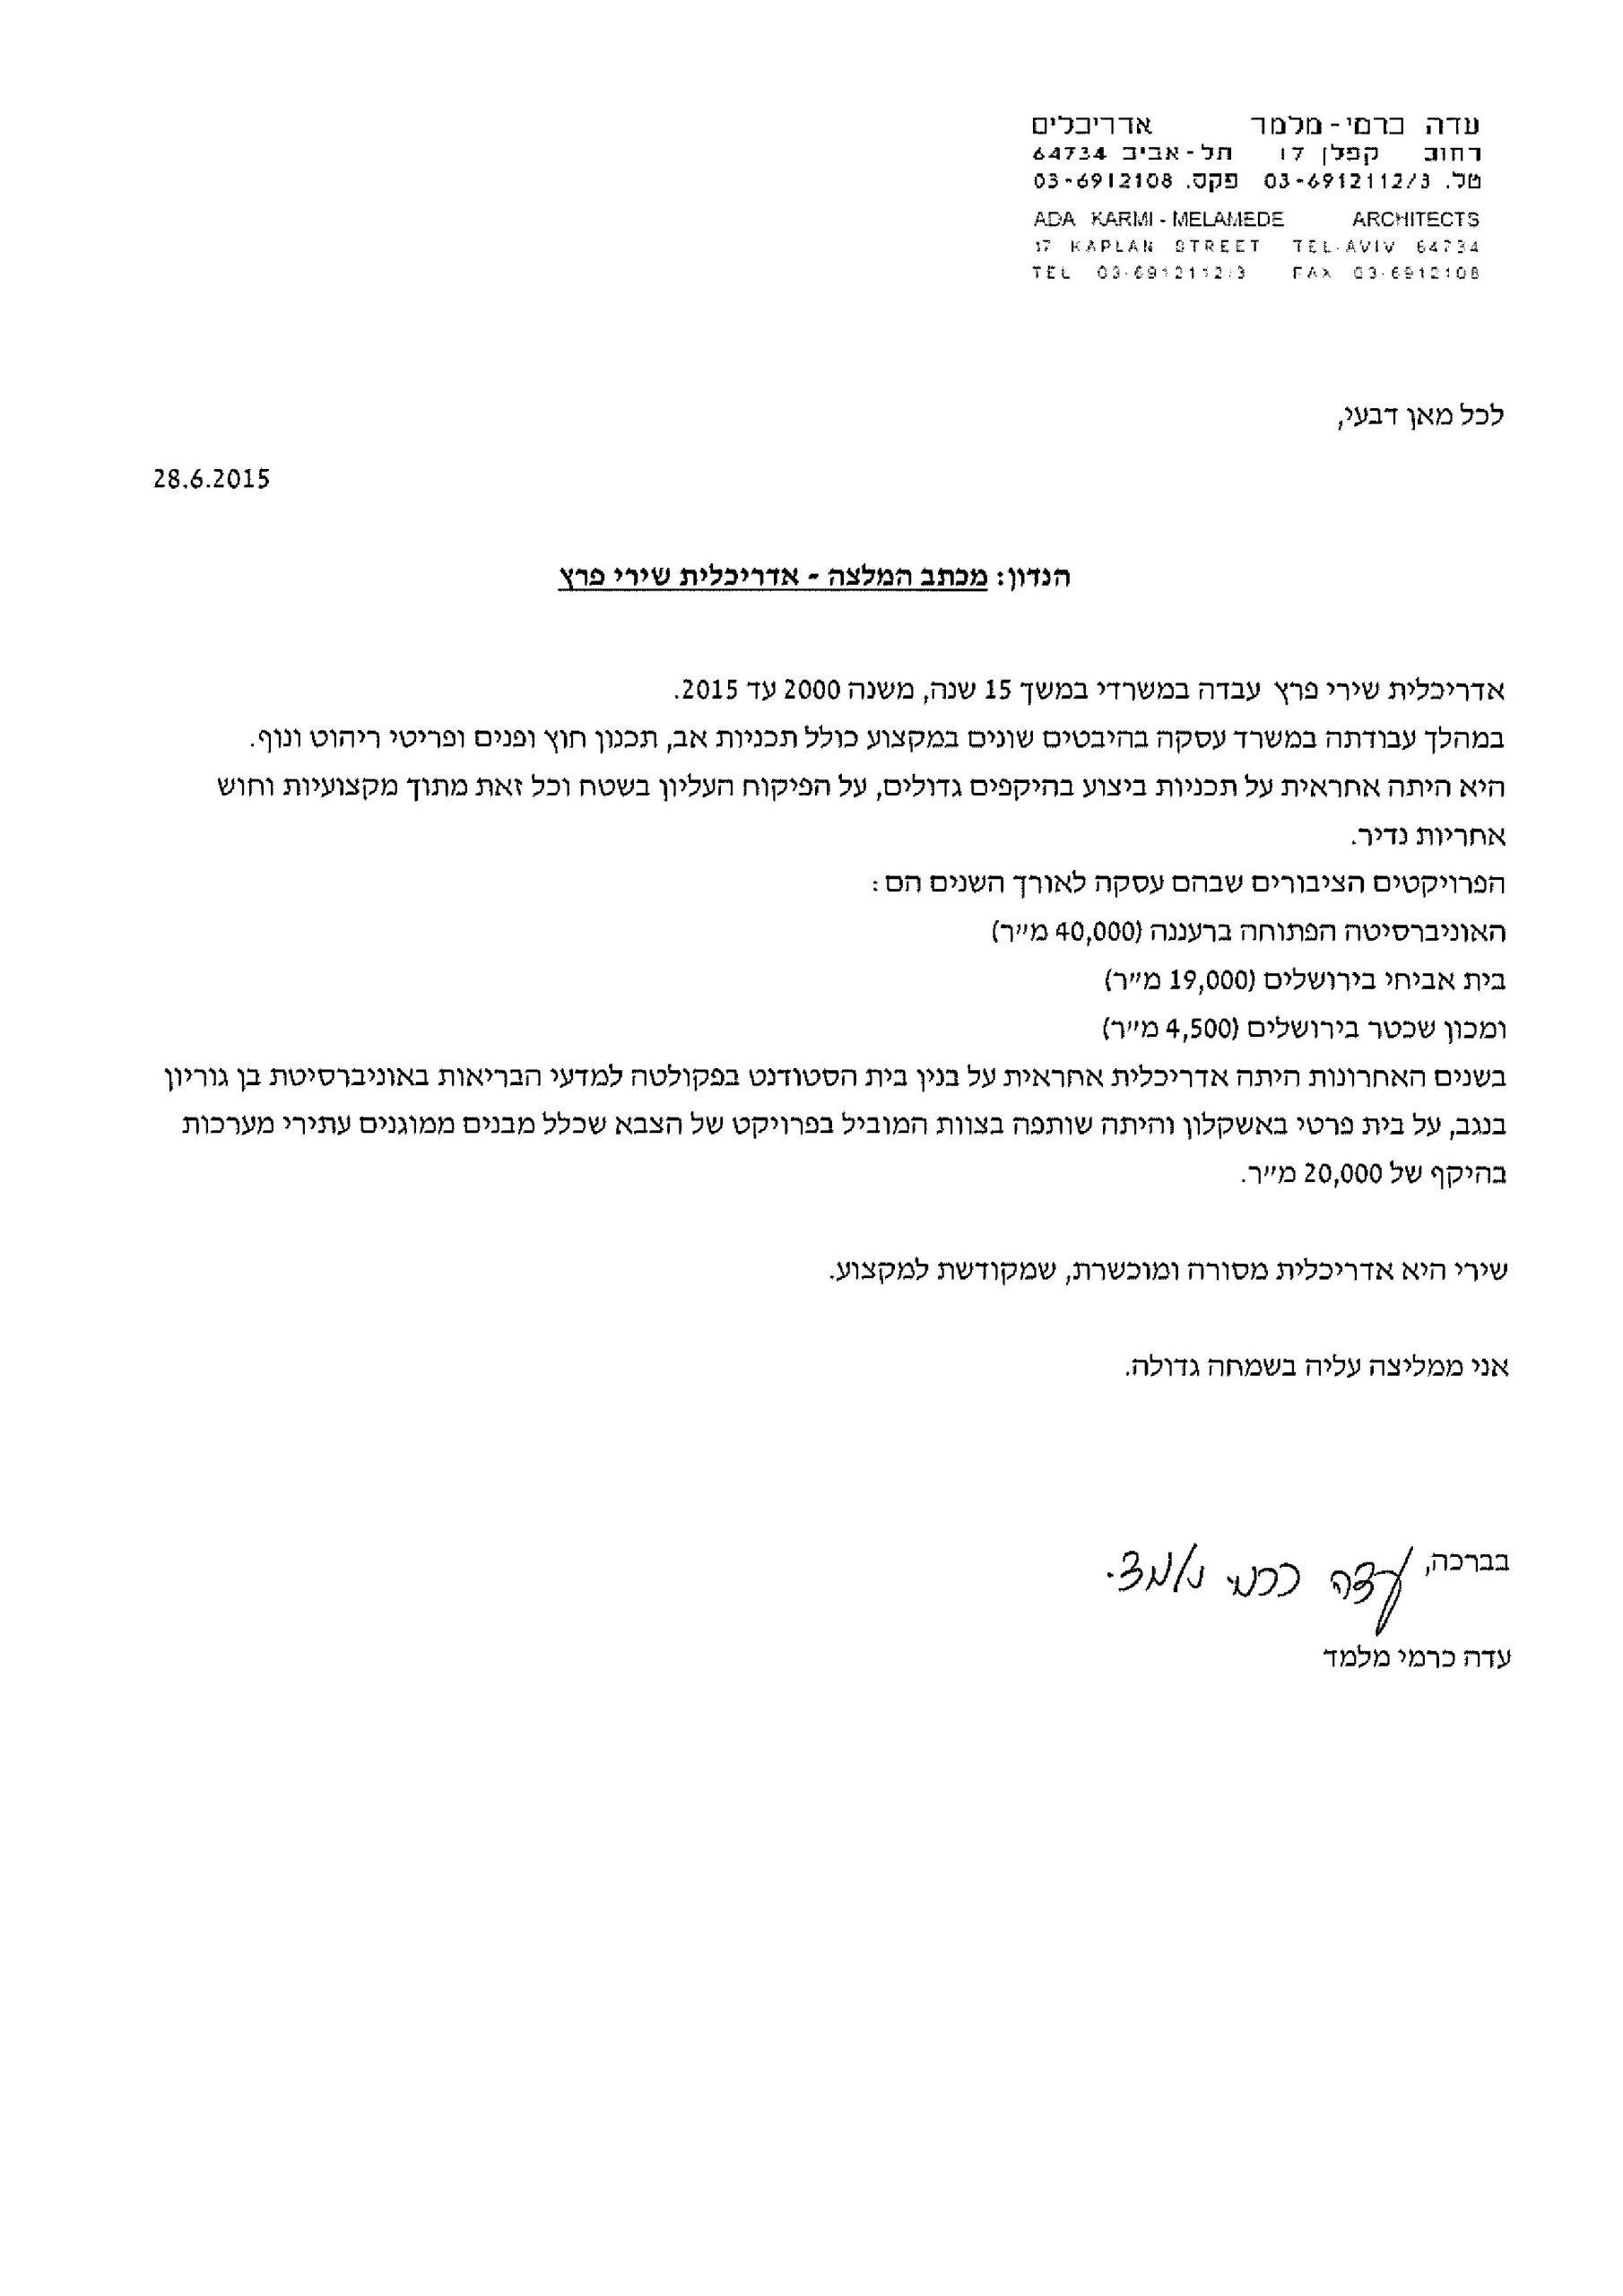 מכתב המלצה - עדה כרמי